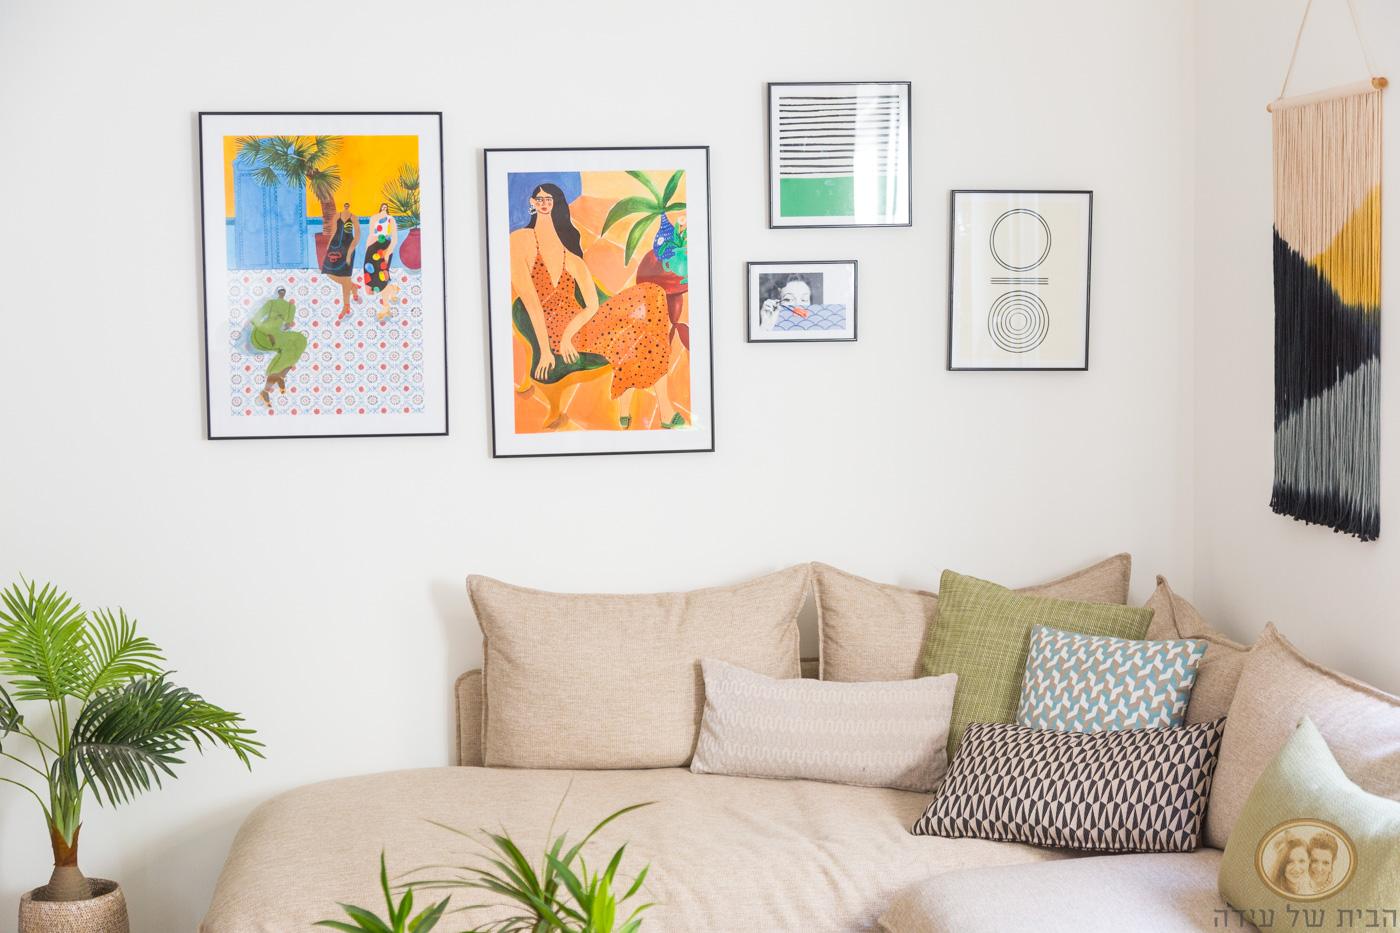 קומפוזציית תמונות מעל הספה